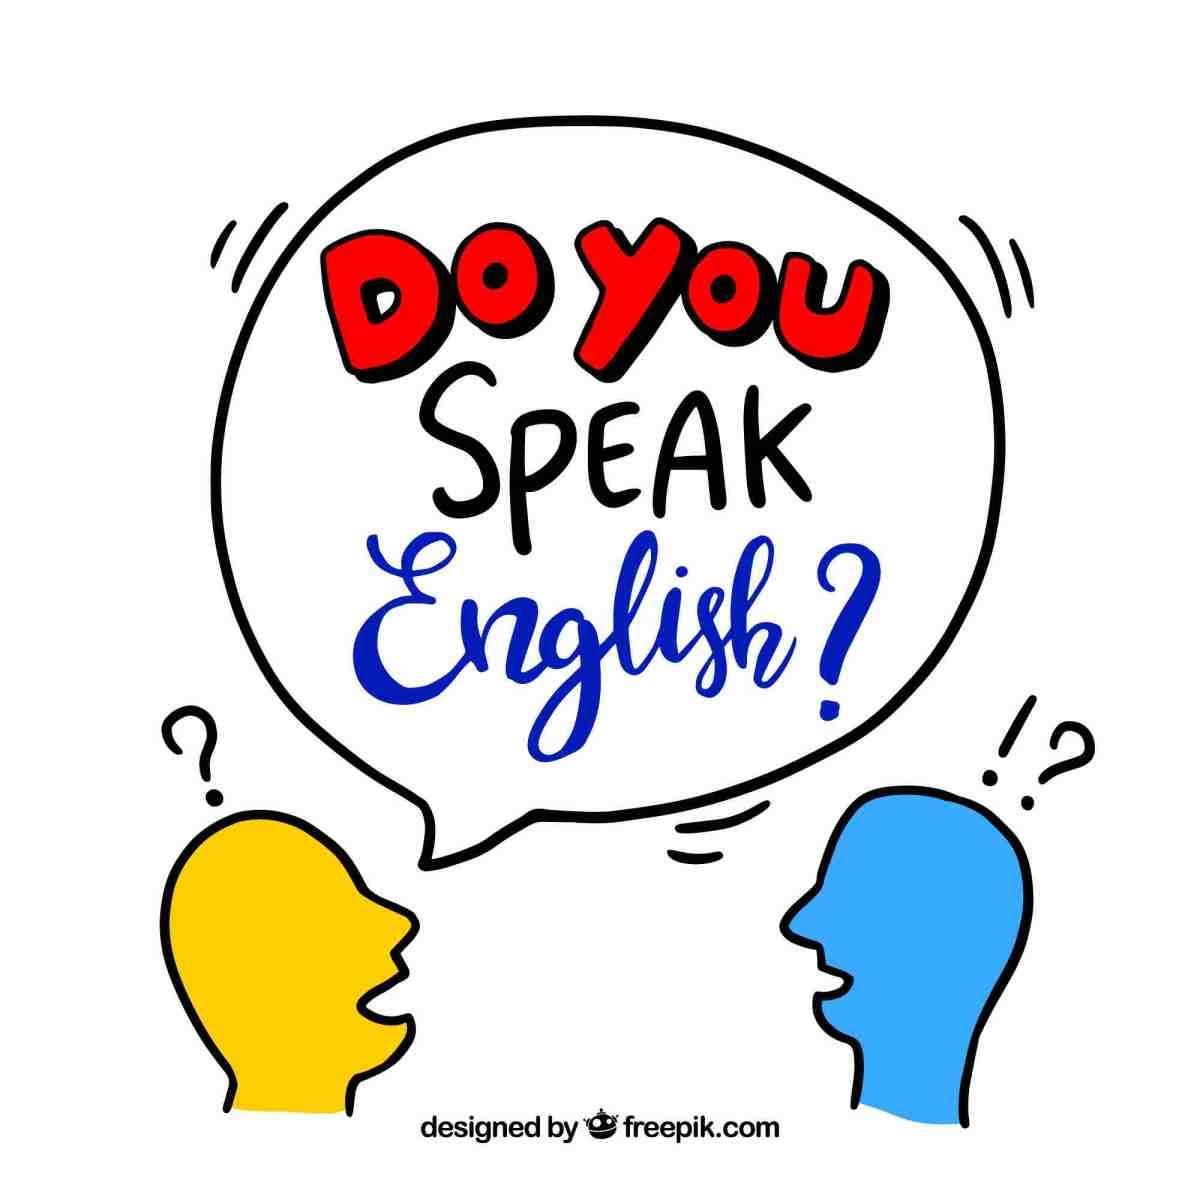 Destrave Seu Ingles 2.0 curso de Rafa Magalhães